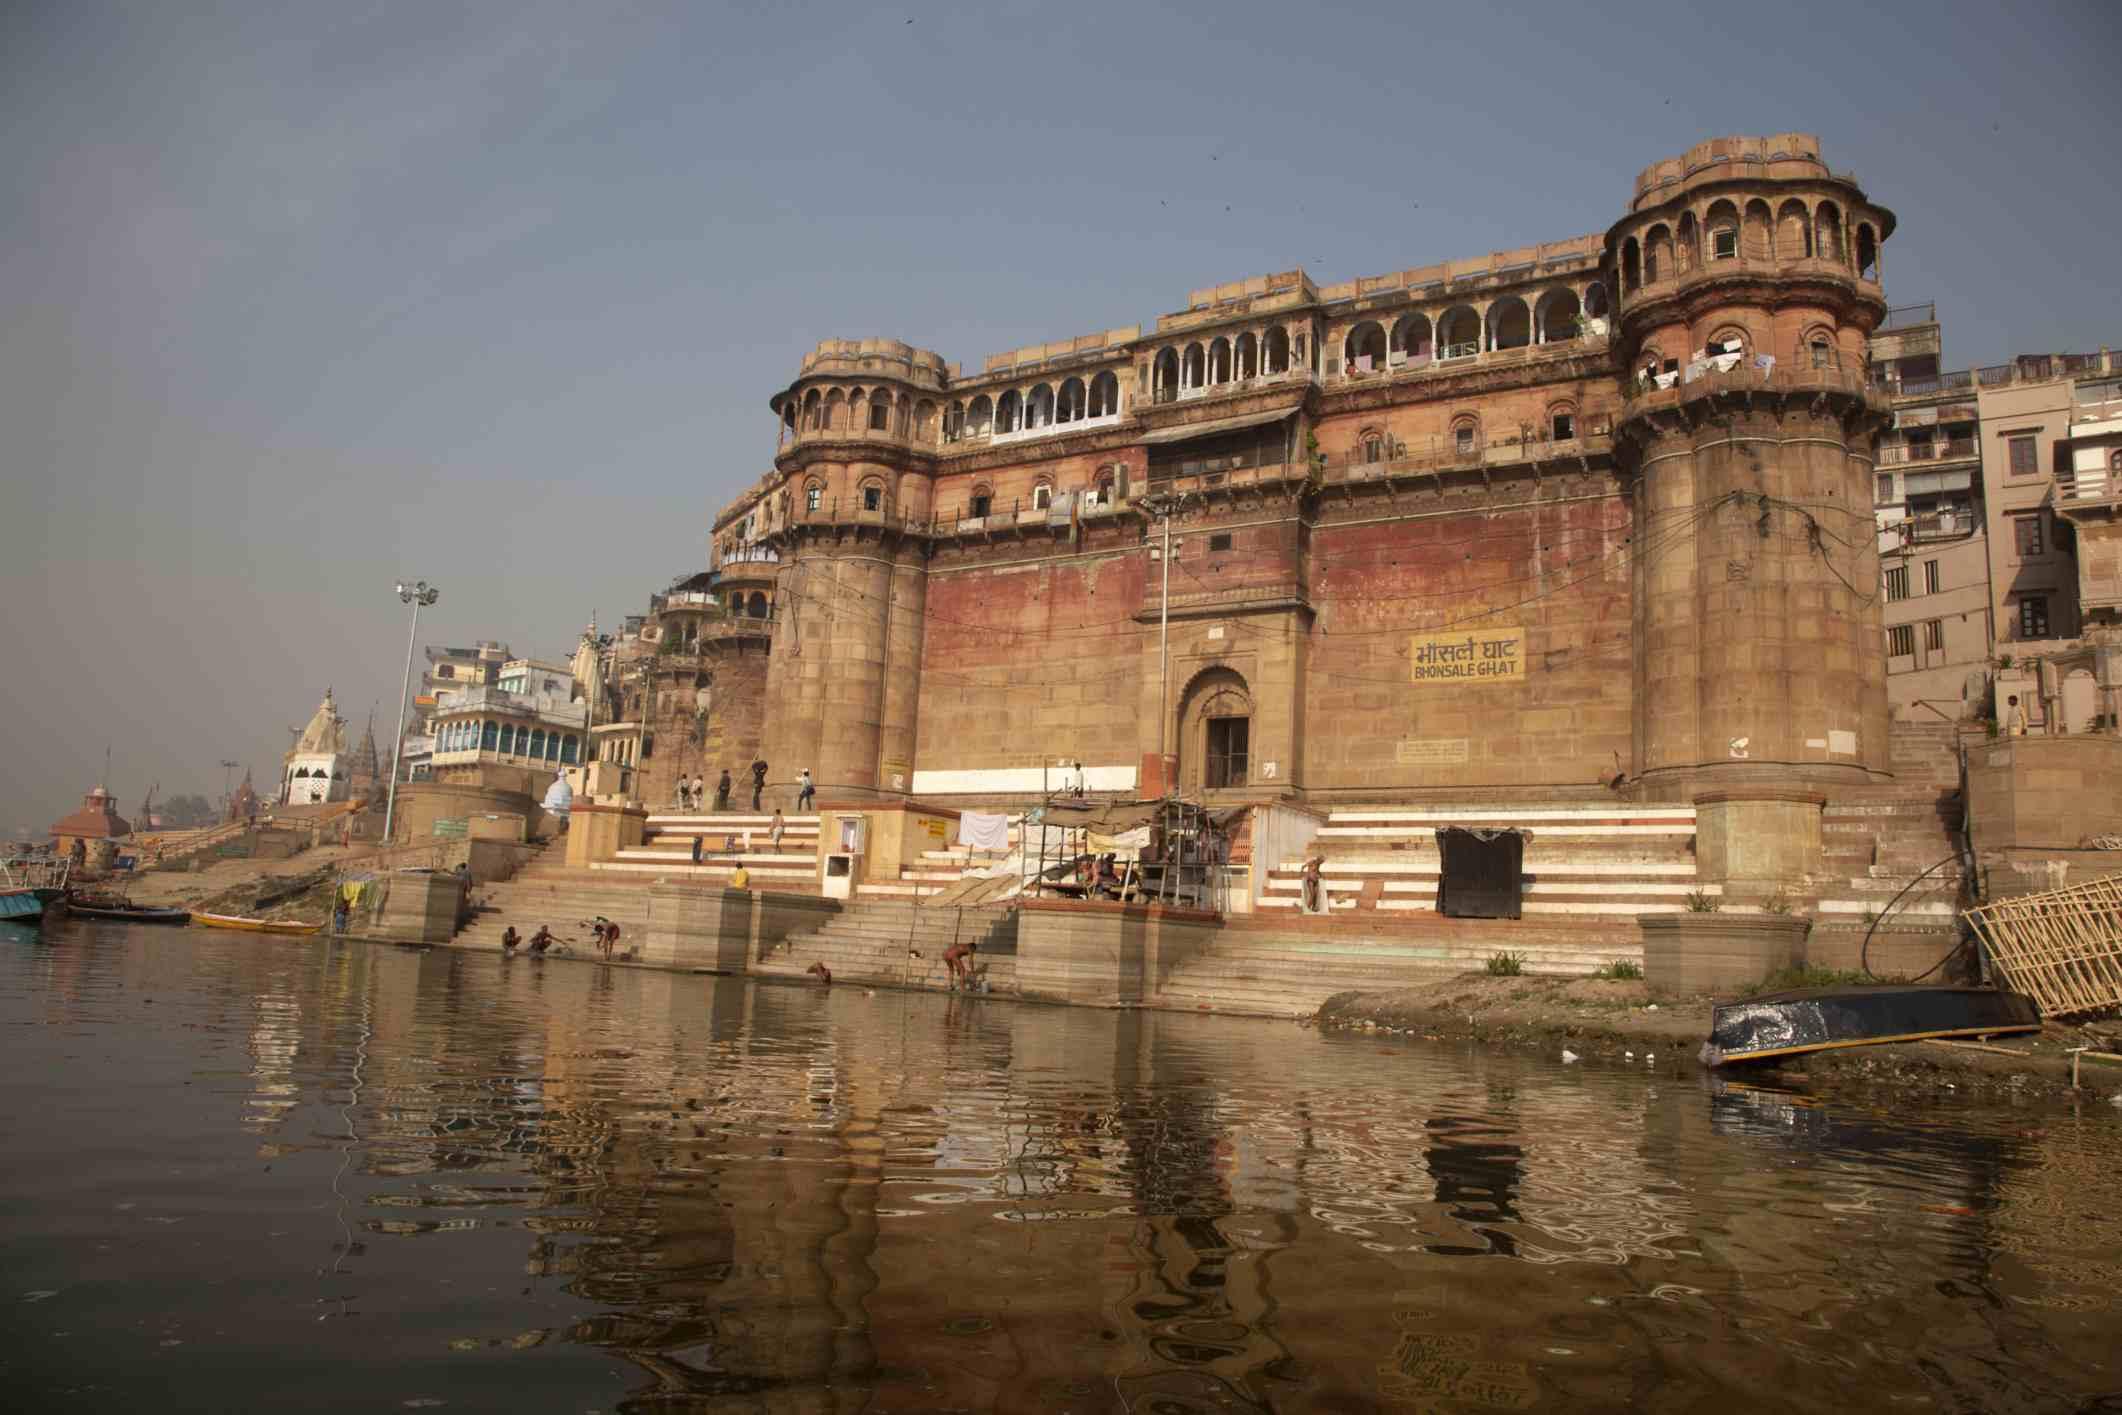 Bhosale Ghat